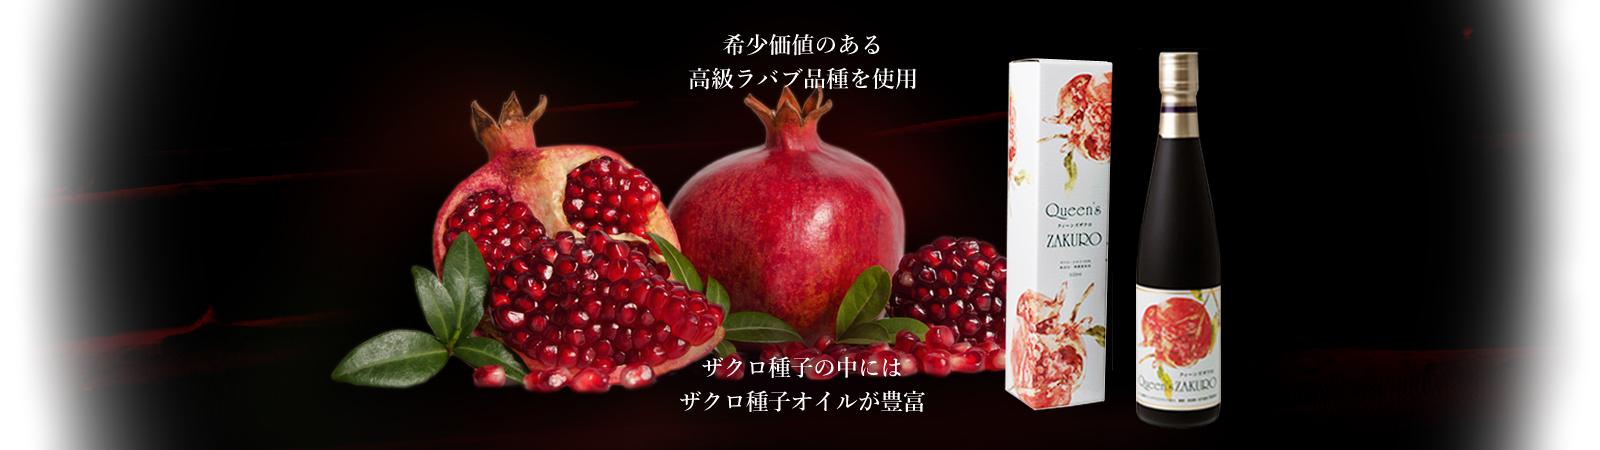 クィーンズザクロジュースは最高級ペルシャ産ラバブ品種のザクロを約60個使用 とてもリッチなザクロジュースです